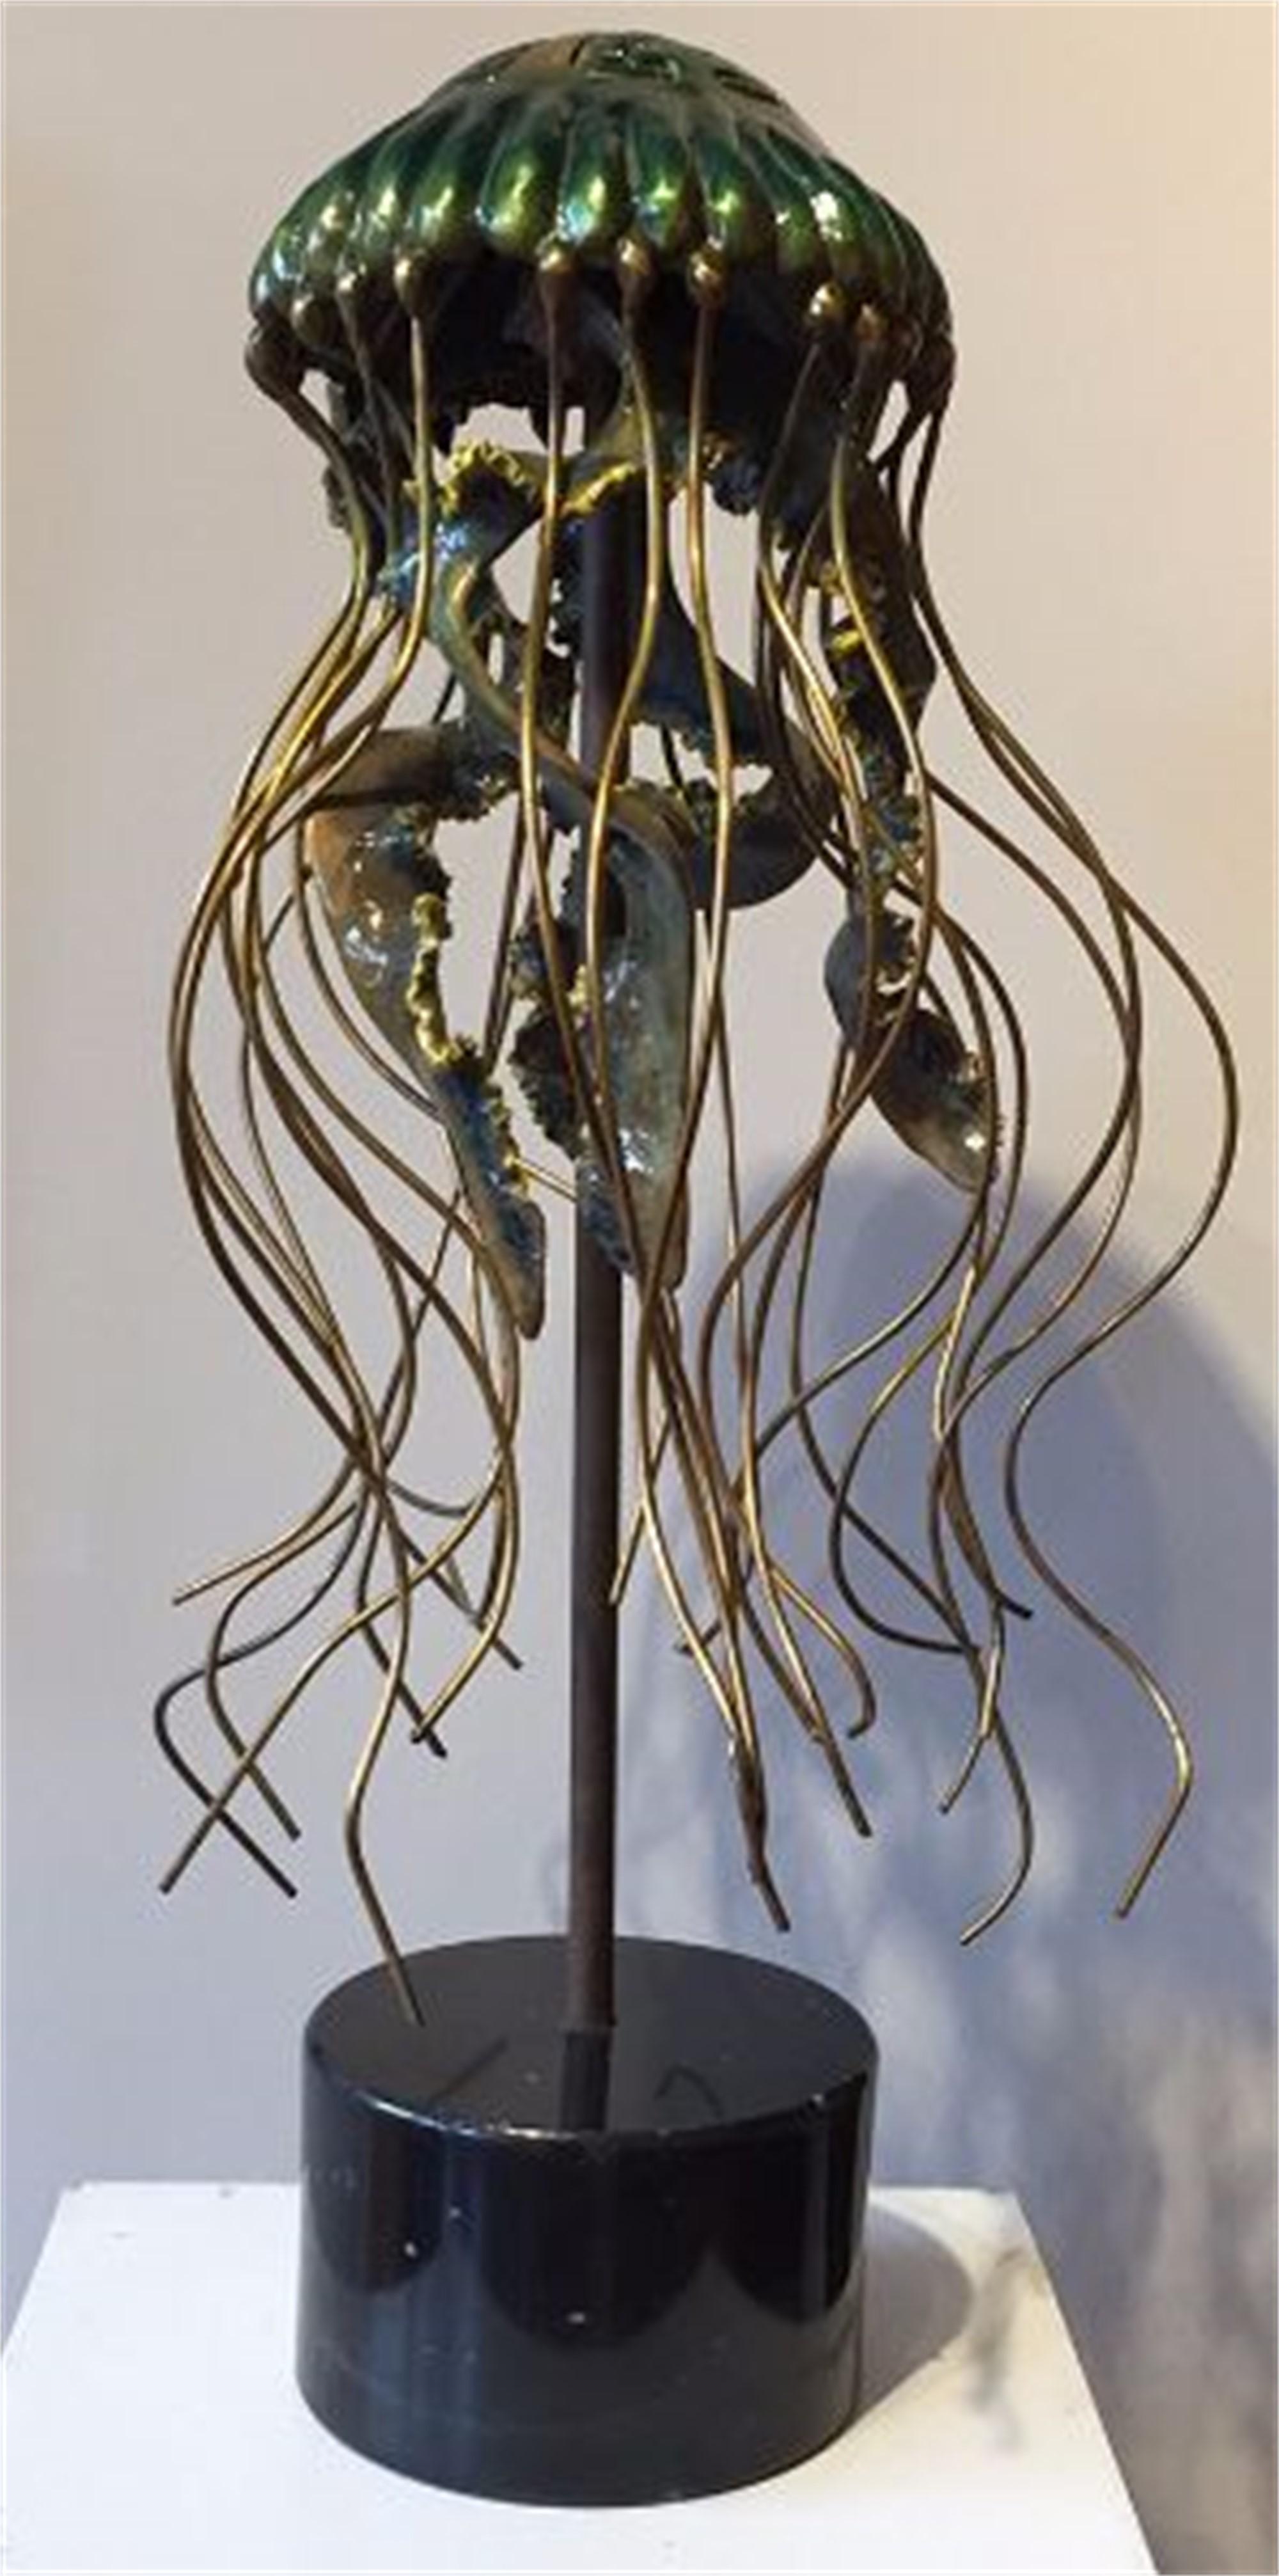 Sea Nettle (Jellyfish) by Scott Penegar